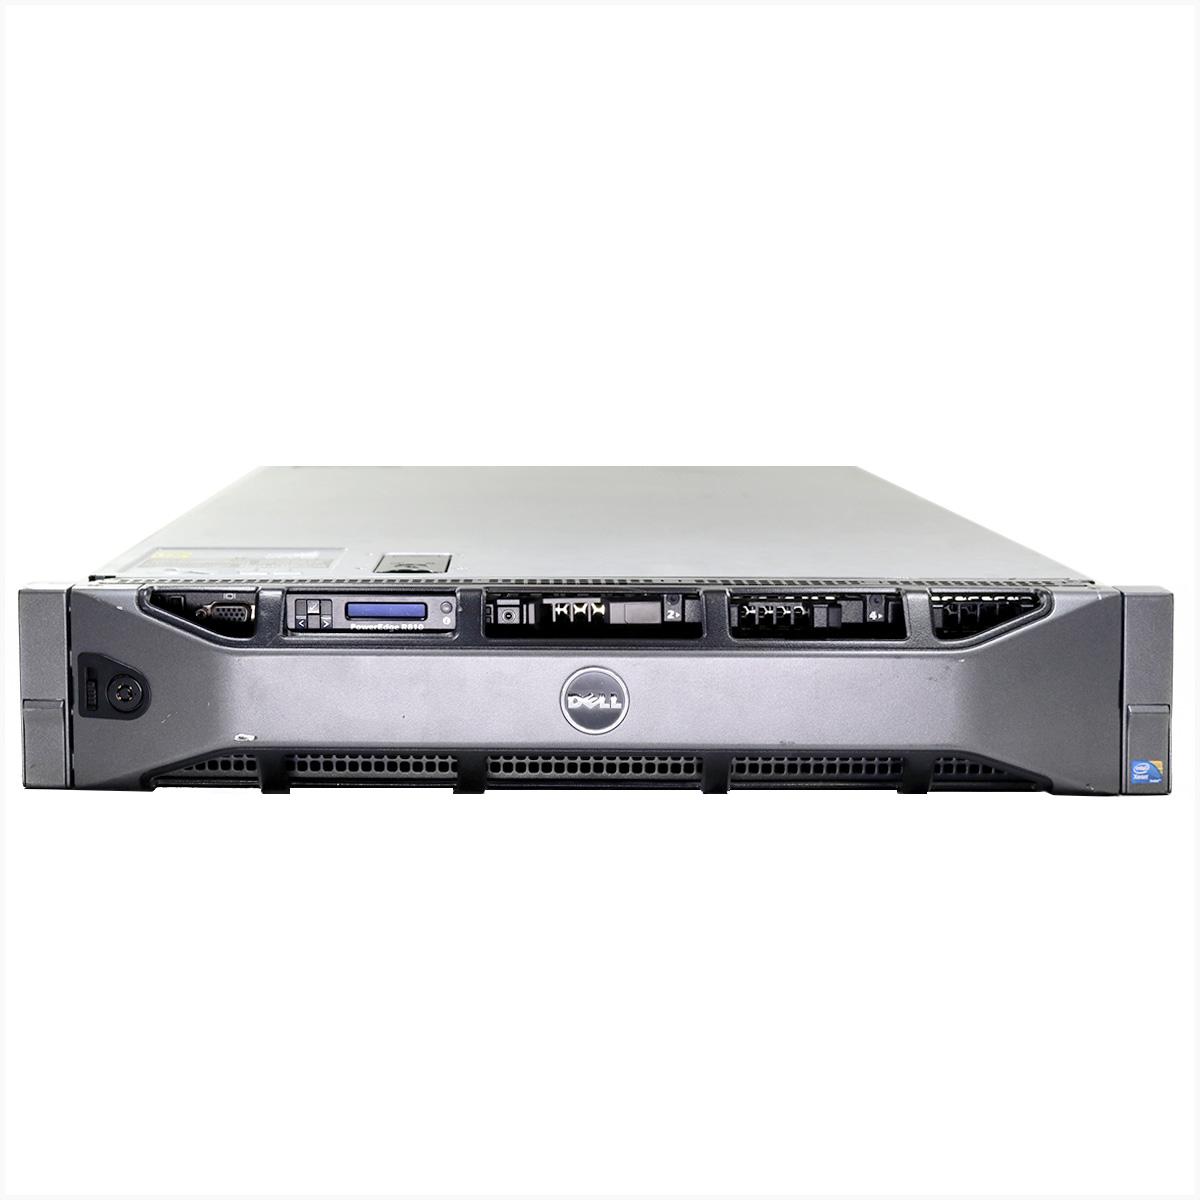 Servidor poweredge r810 4x xeon l7555 128gb 2x 1tb sas - usado